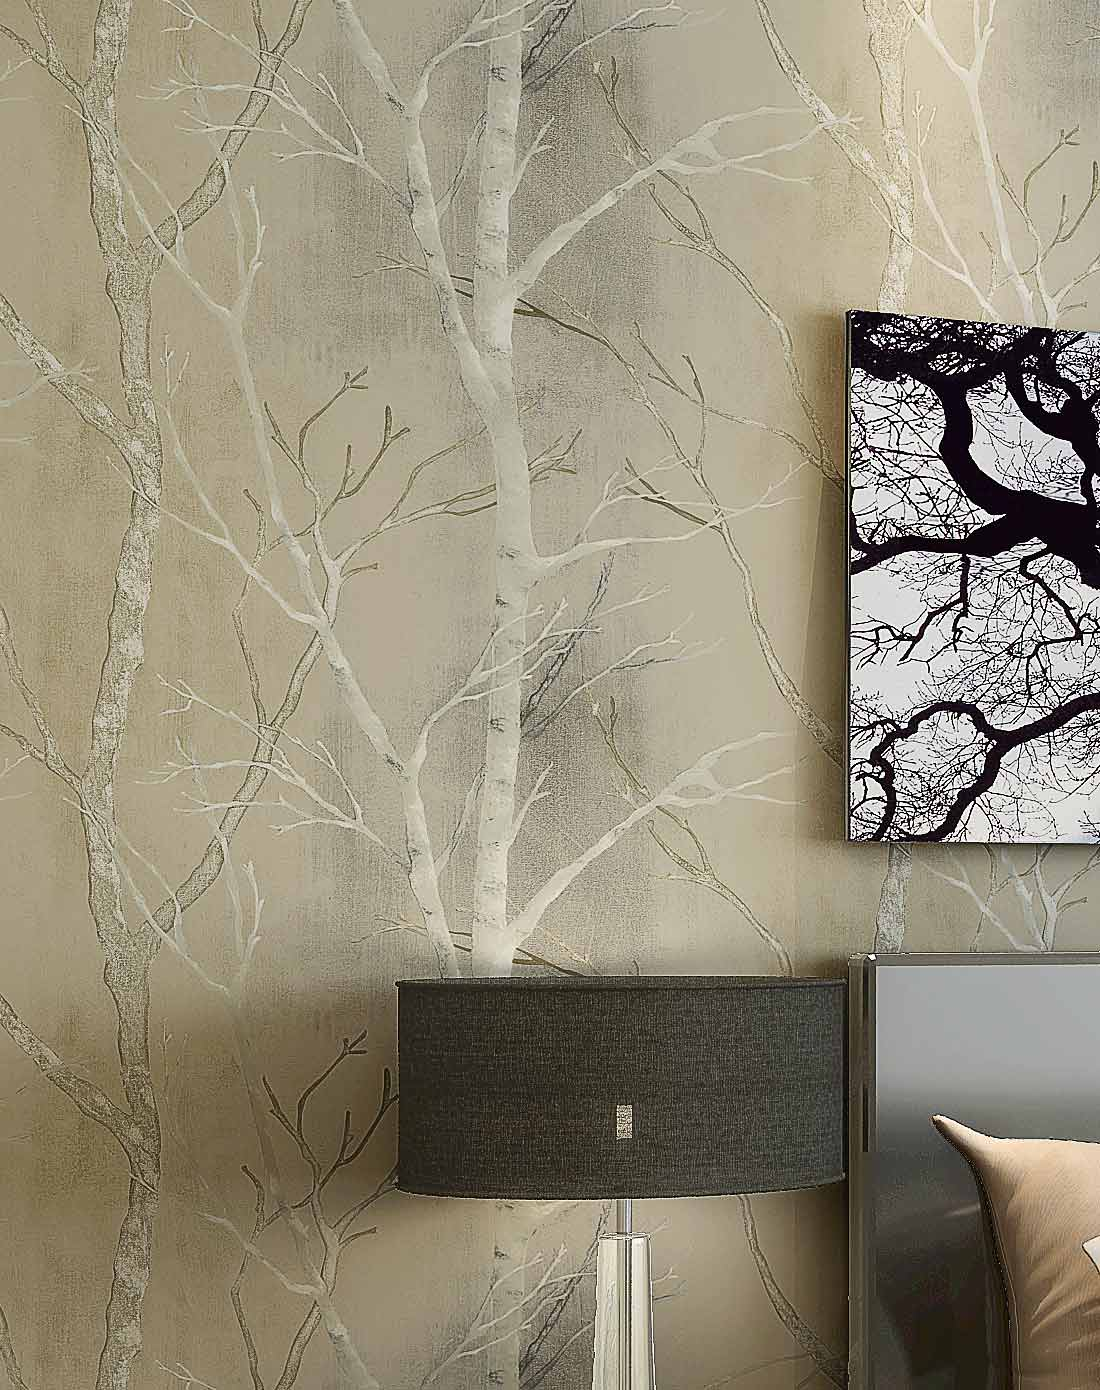 旗航壁纸 现代简约 仿树枝 环保纯纸壁纸